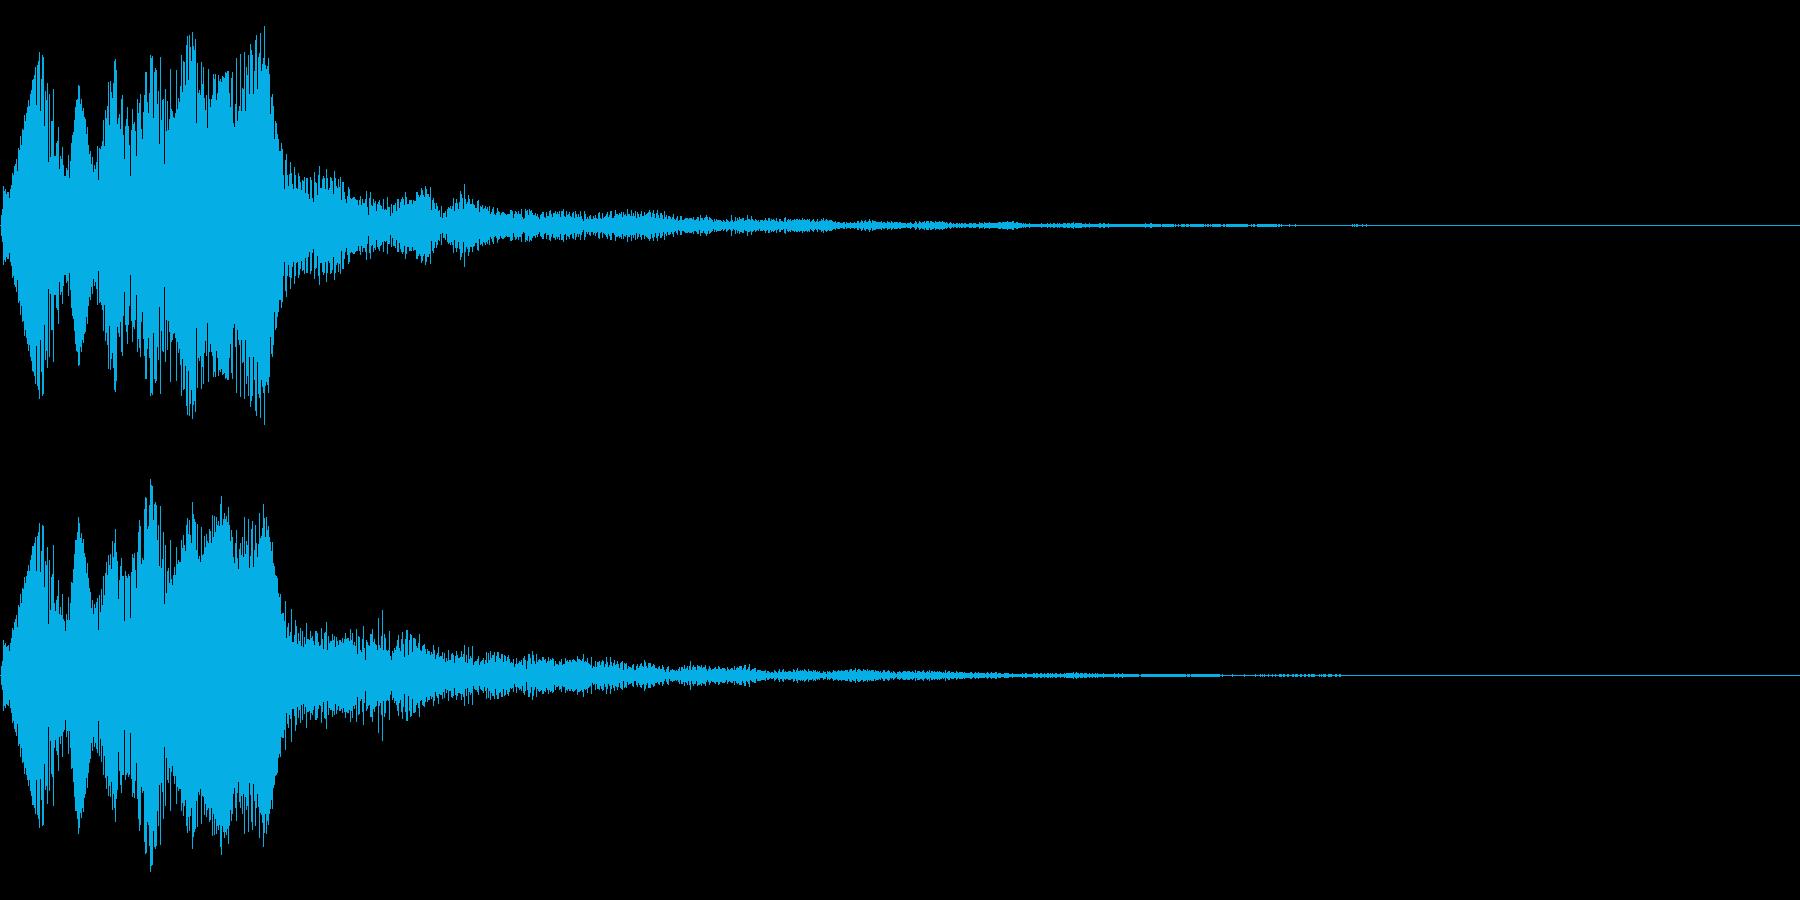 未来的・決定・空気感・取得24の再生済みの波形